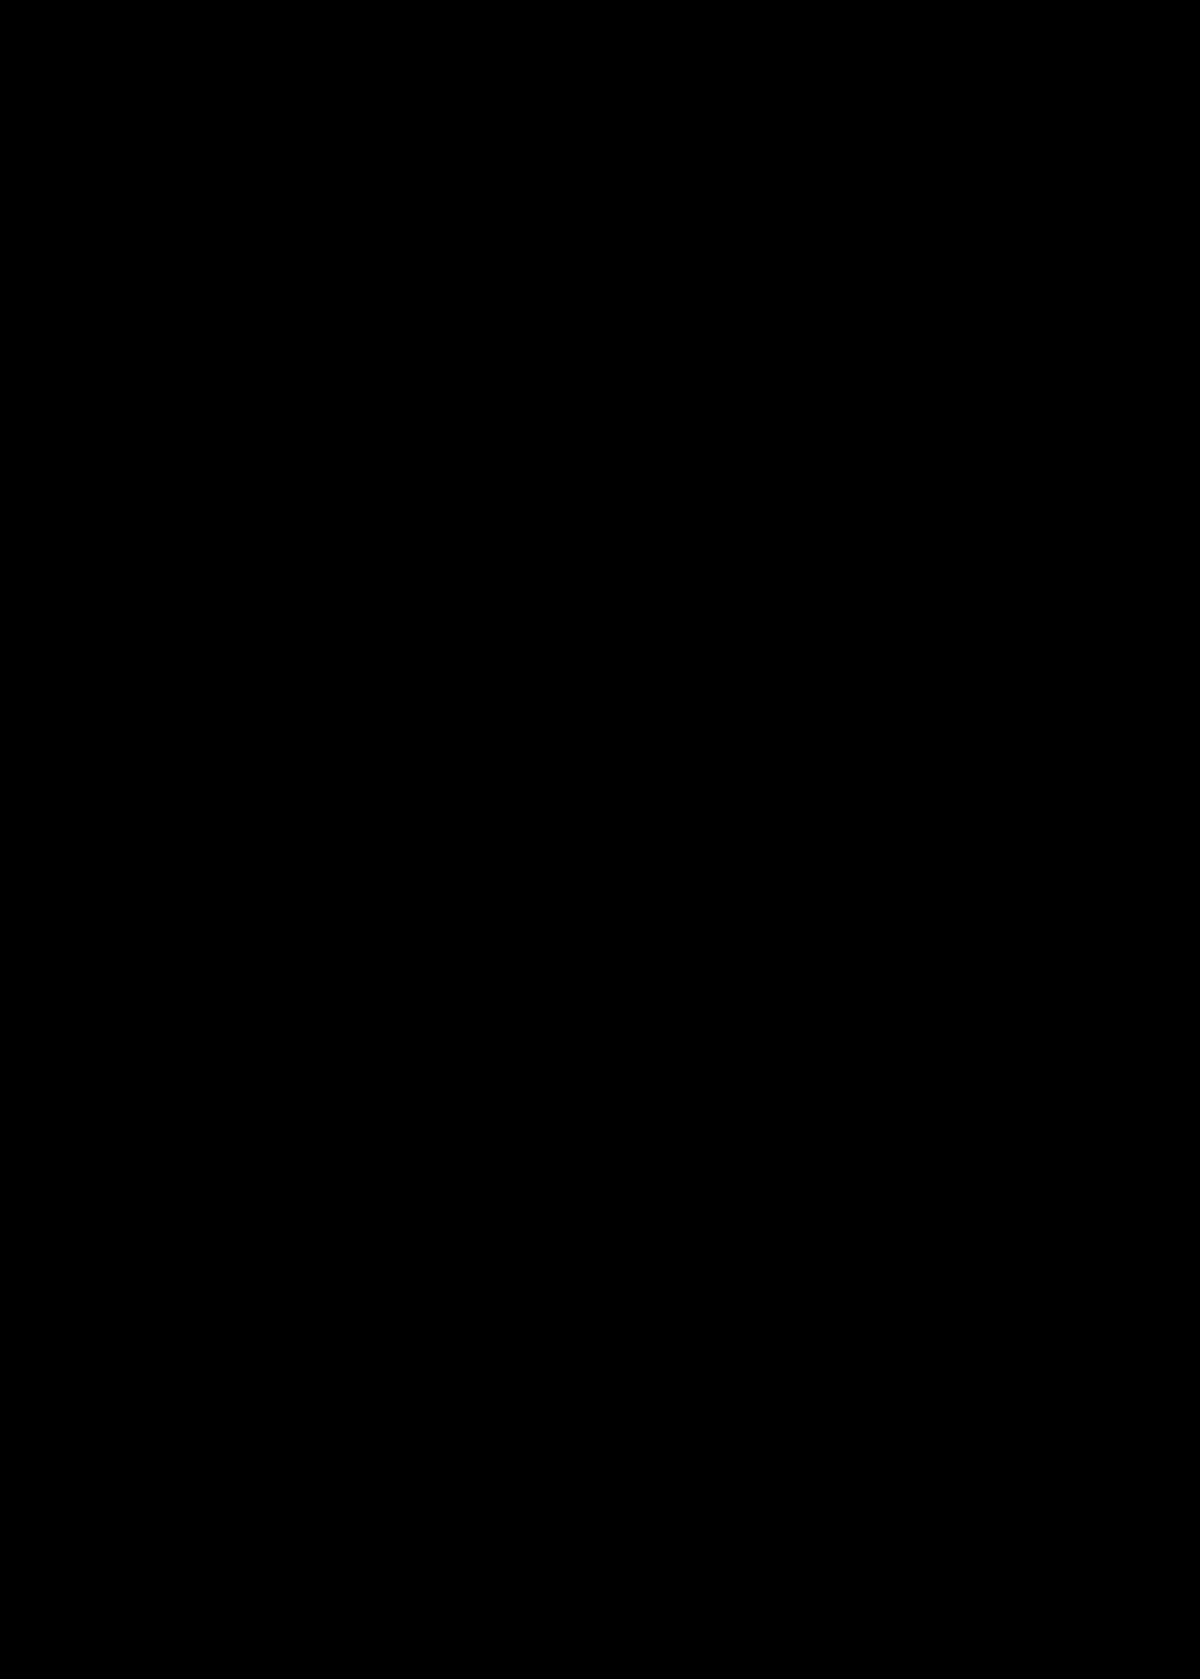 【エロ漫画・エロ同人誌】触手に媚薬まみれにされて堕ちて行く巨乳娘www (51)